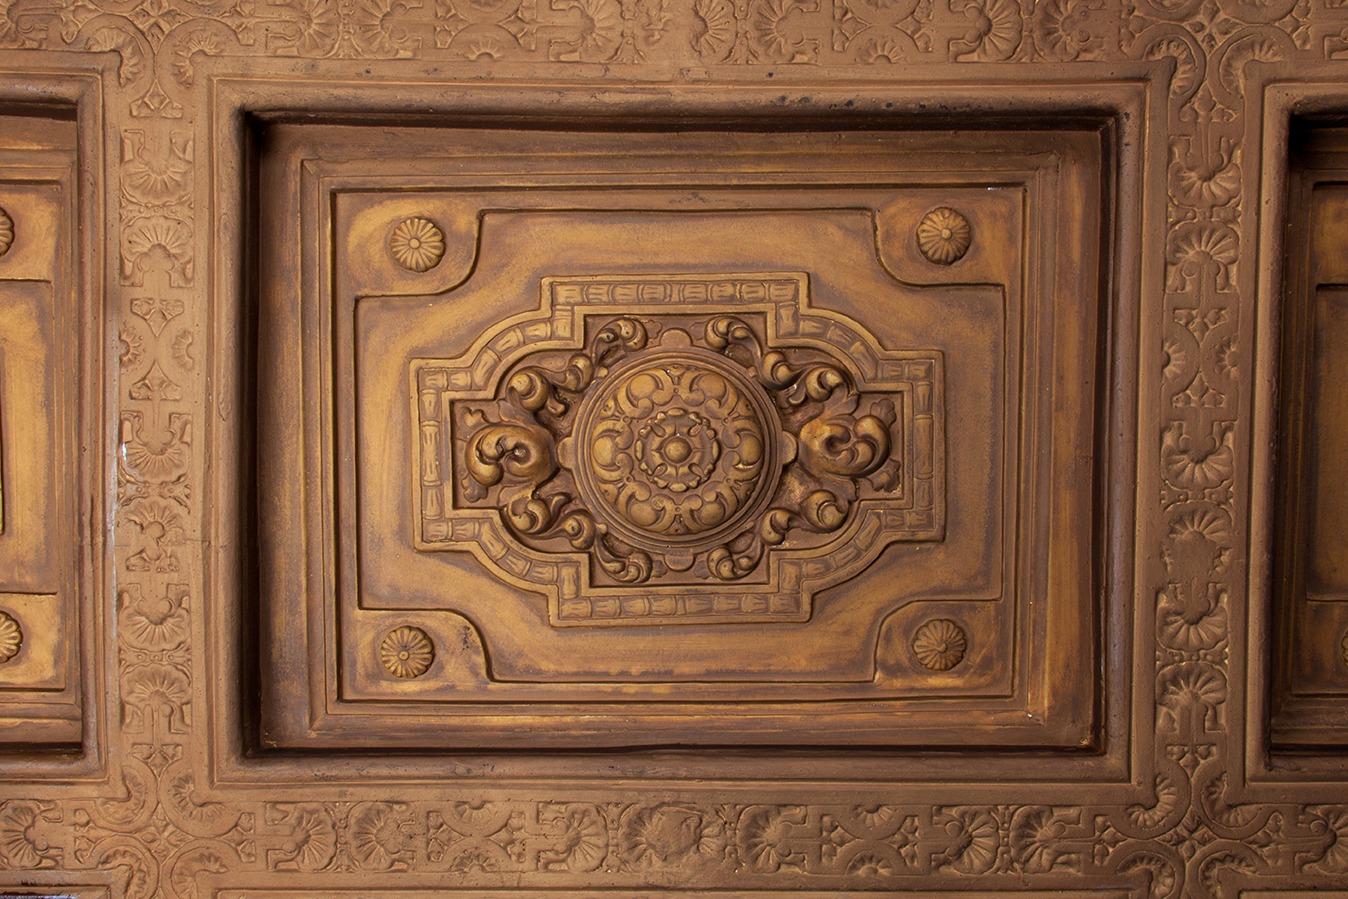 Techo artesonado mud jar artesanos juntos - Escayola decorativa techo ...